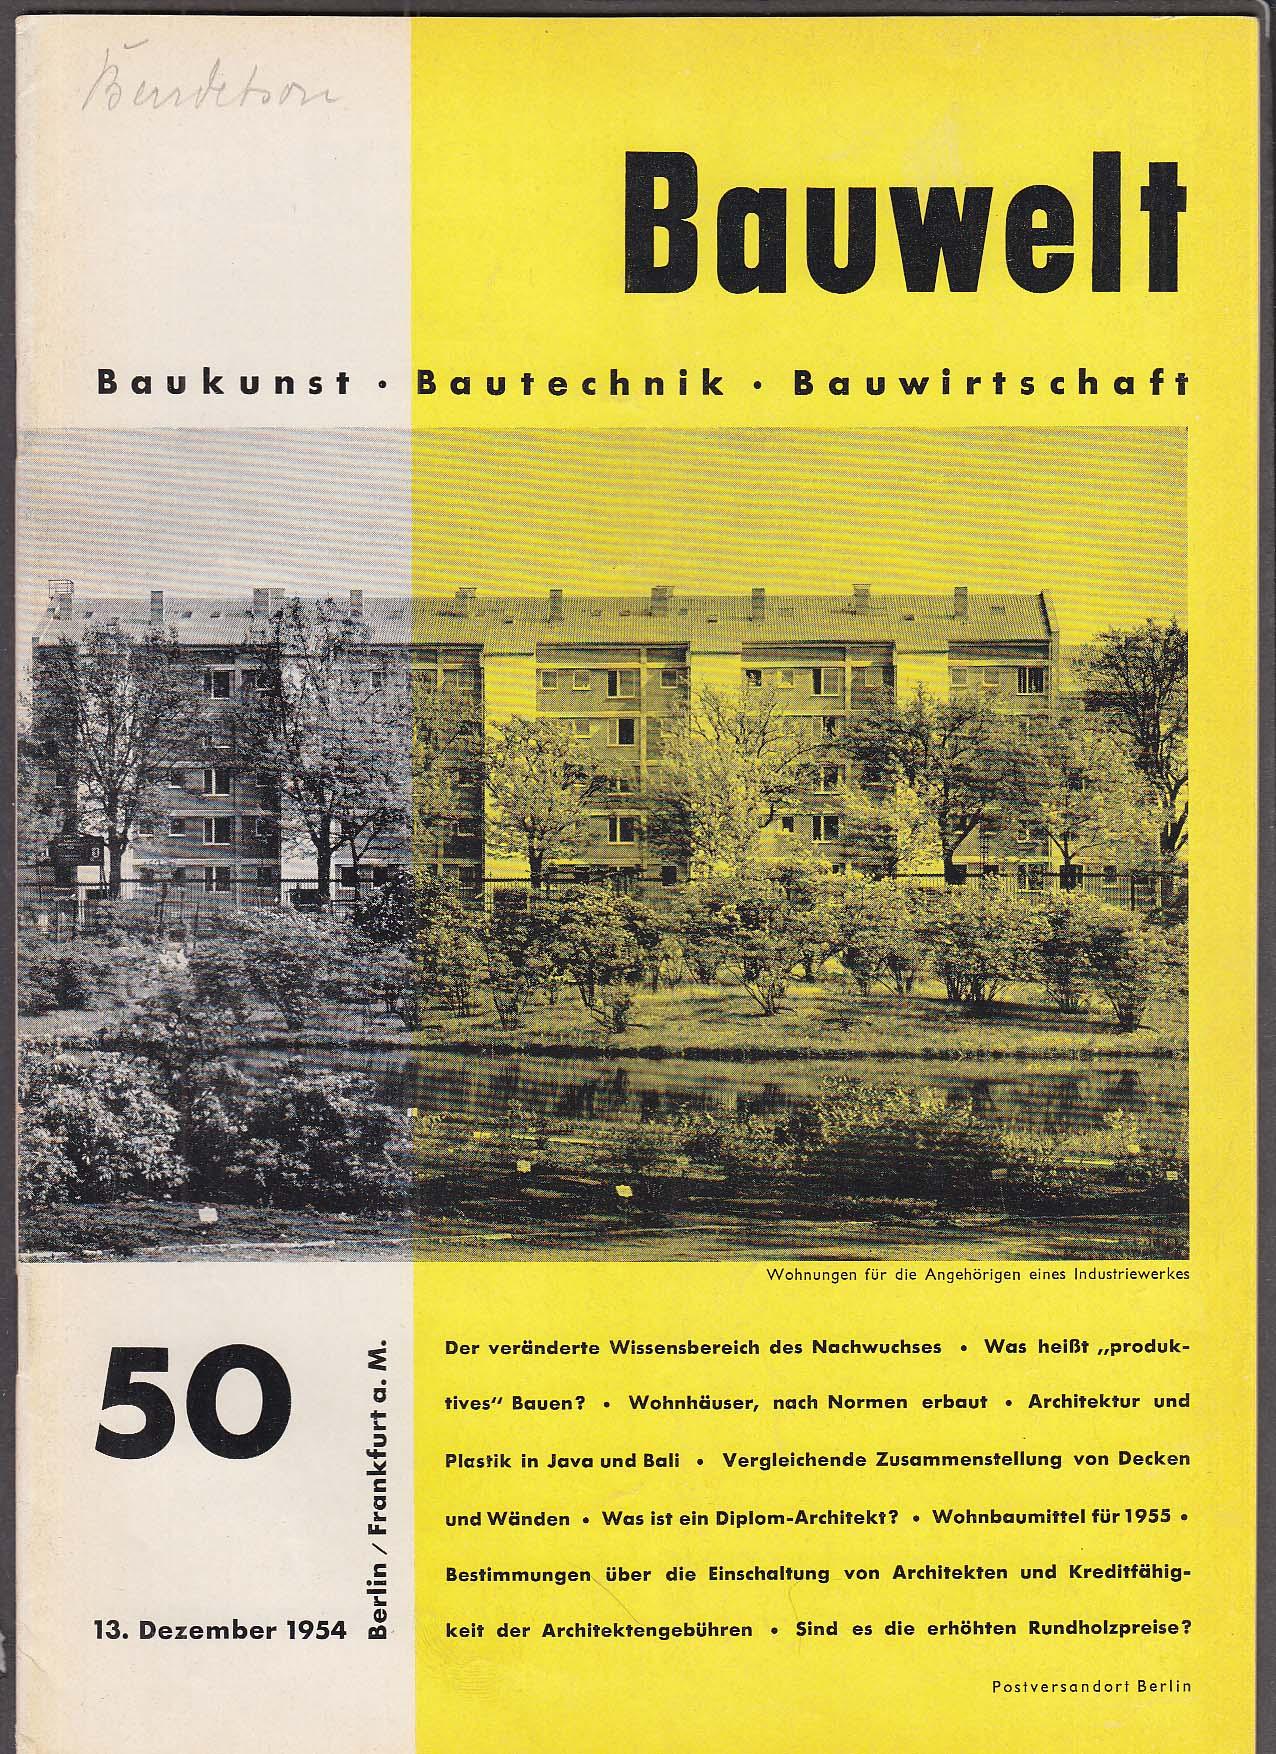 Image for Bauwelt #50 German architecture magazine 12/13 1954